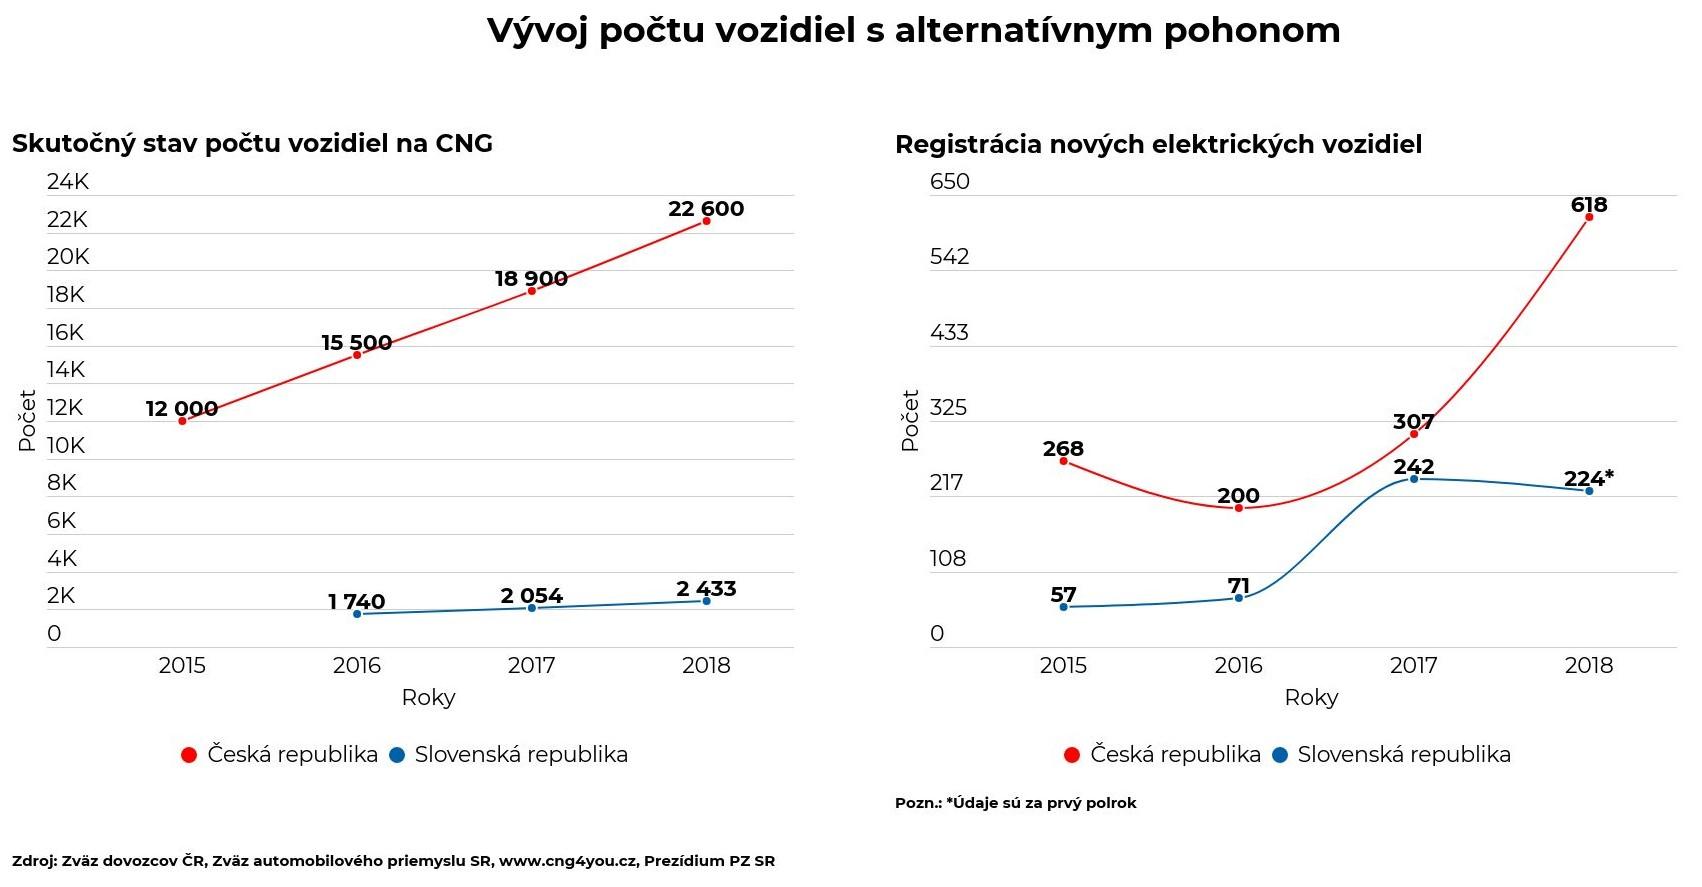 Vývoj počtu vozidiel s alternatívnym pohonom - graf